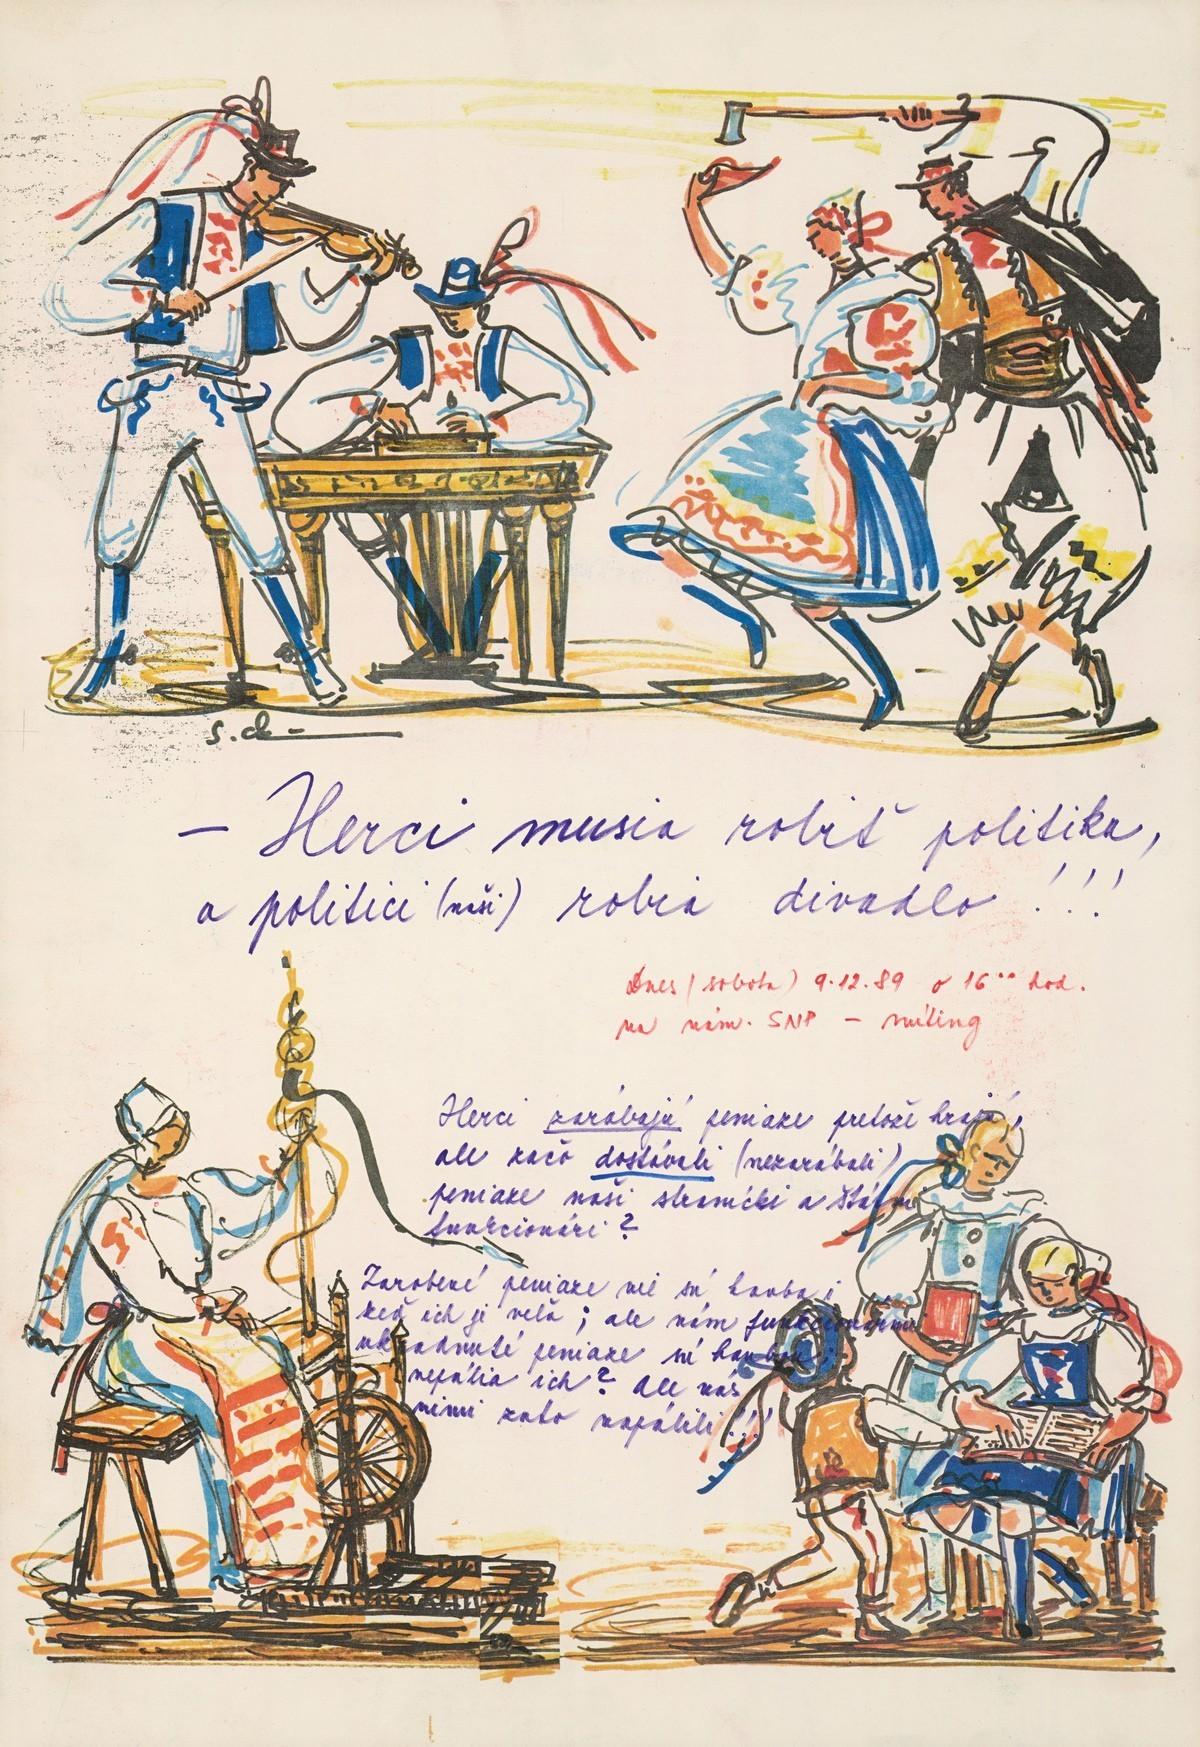 Herci musia robiť politiku, a politici (naši) robia divadlo!!!. 1989. Slovenské národné múzeum – Historické múzeum v Bratislave